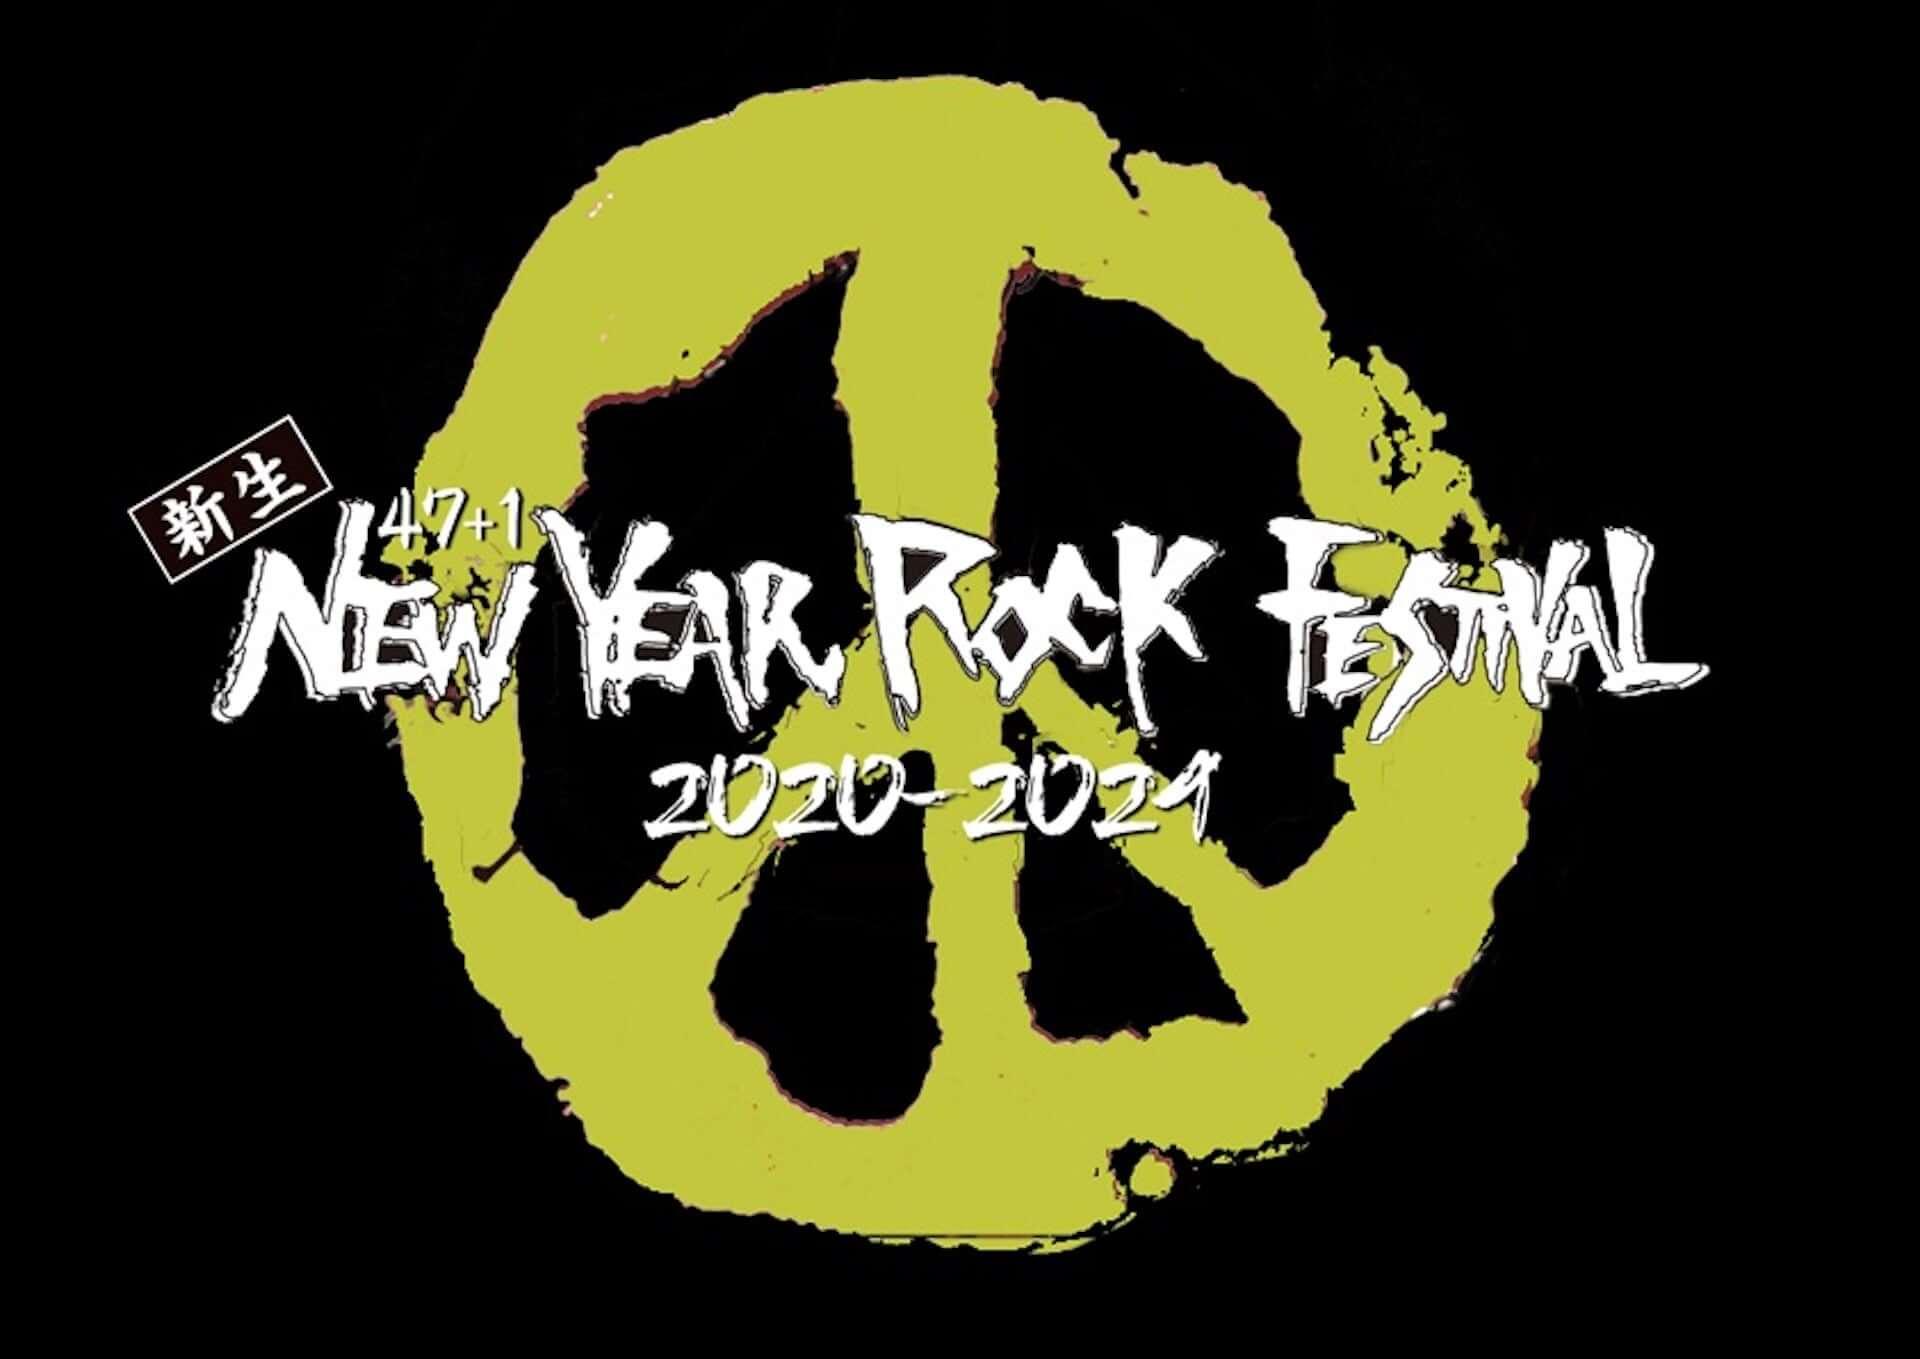 無観客生配信ライブ<47+1 新生 New Year Rock Festival>第6弾ラインナップが解禁!KATAMALI、美勇士、RAY YAMANAKA a.k.a ZEROが登場 music201120_newyearrockfes_3-1920x1359